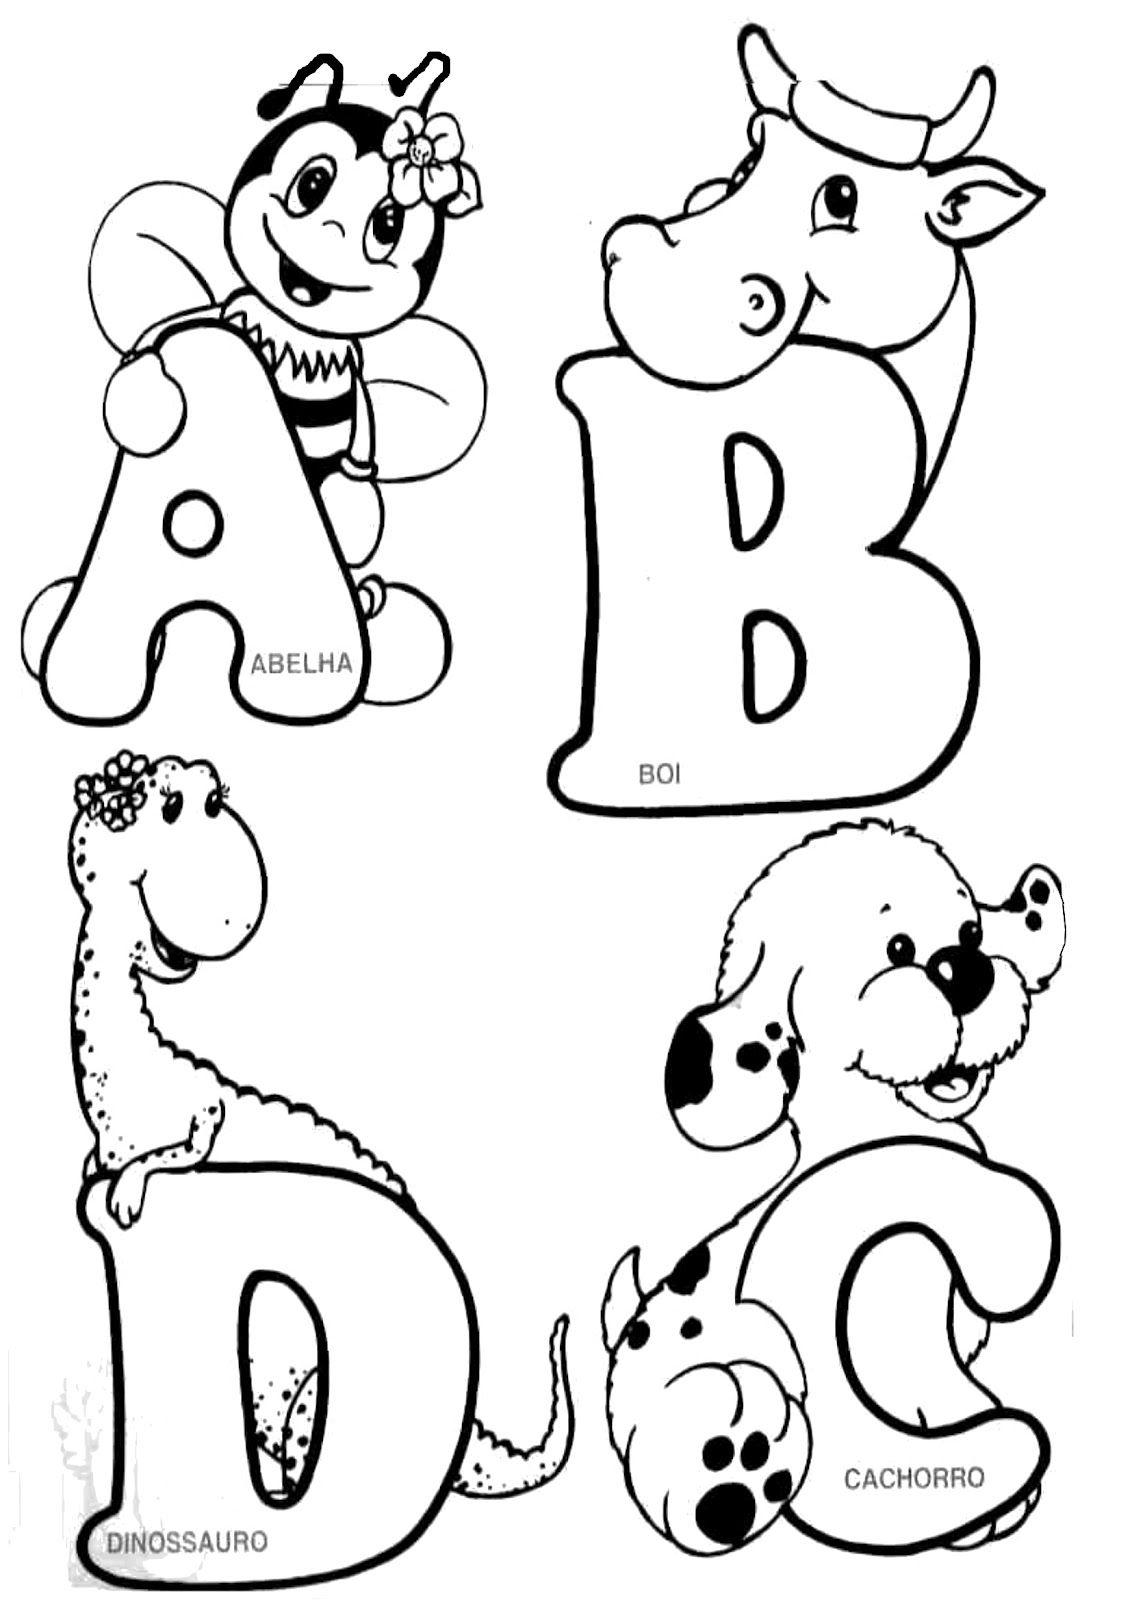 Alfabeto 252banimais 252b1 Jpg 1132 1600 Alfabeto Animal